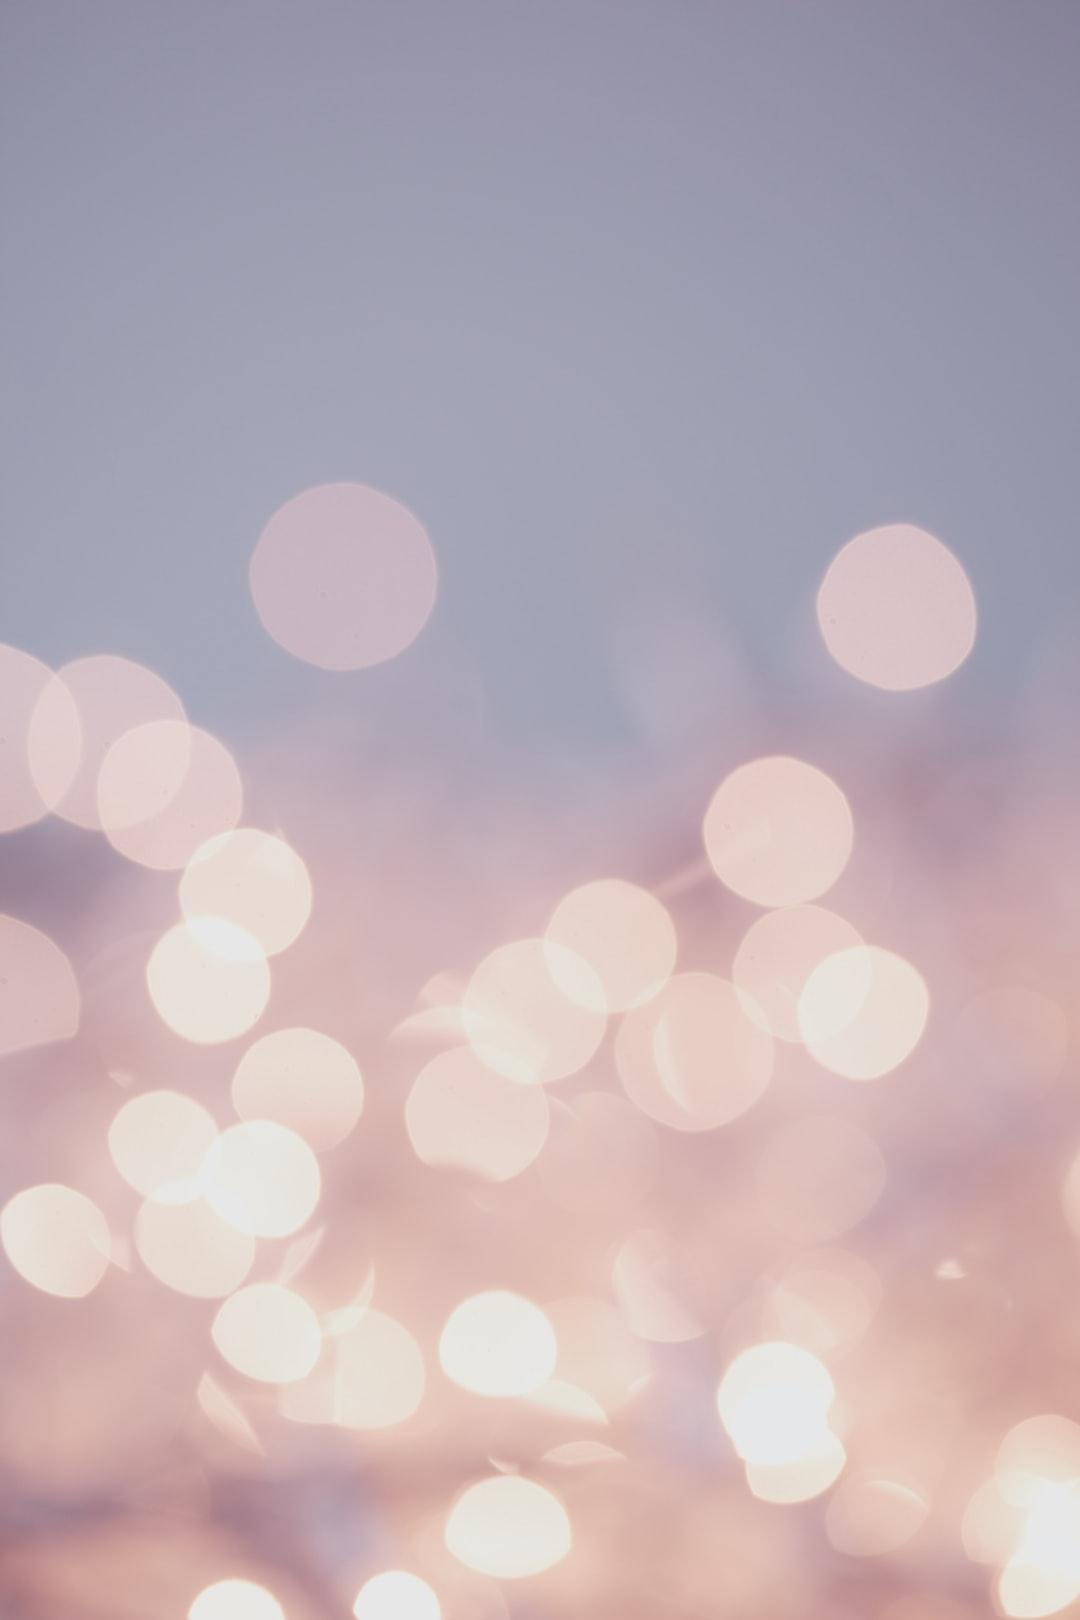 900 Sparkle Background Images Download Hd Backgrounds On Unsplash